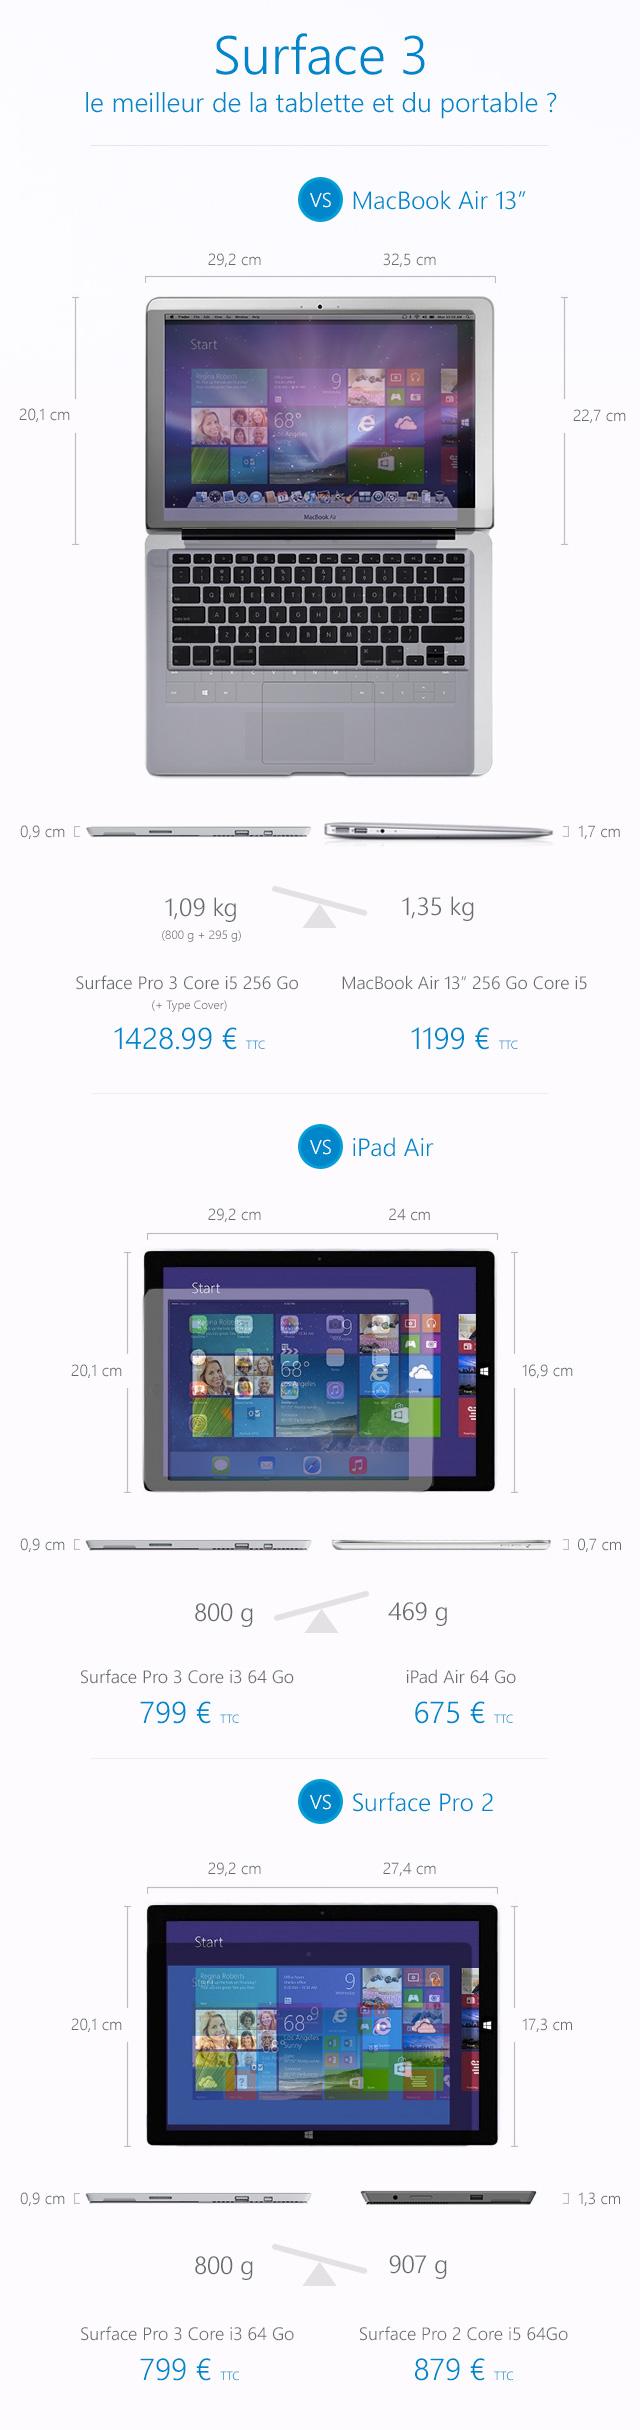 La Surface 3 face à la concurrence [infographie]